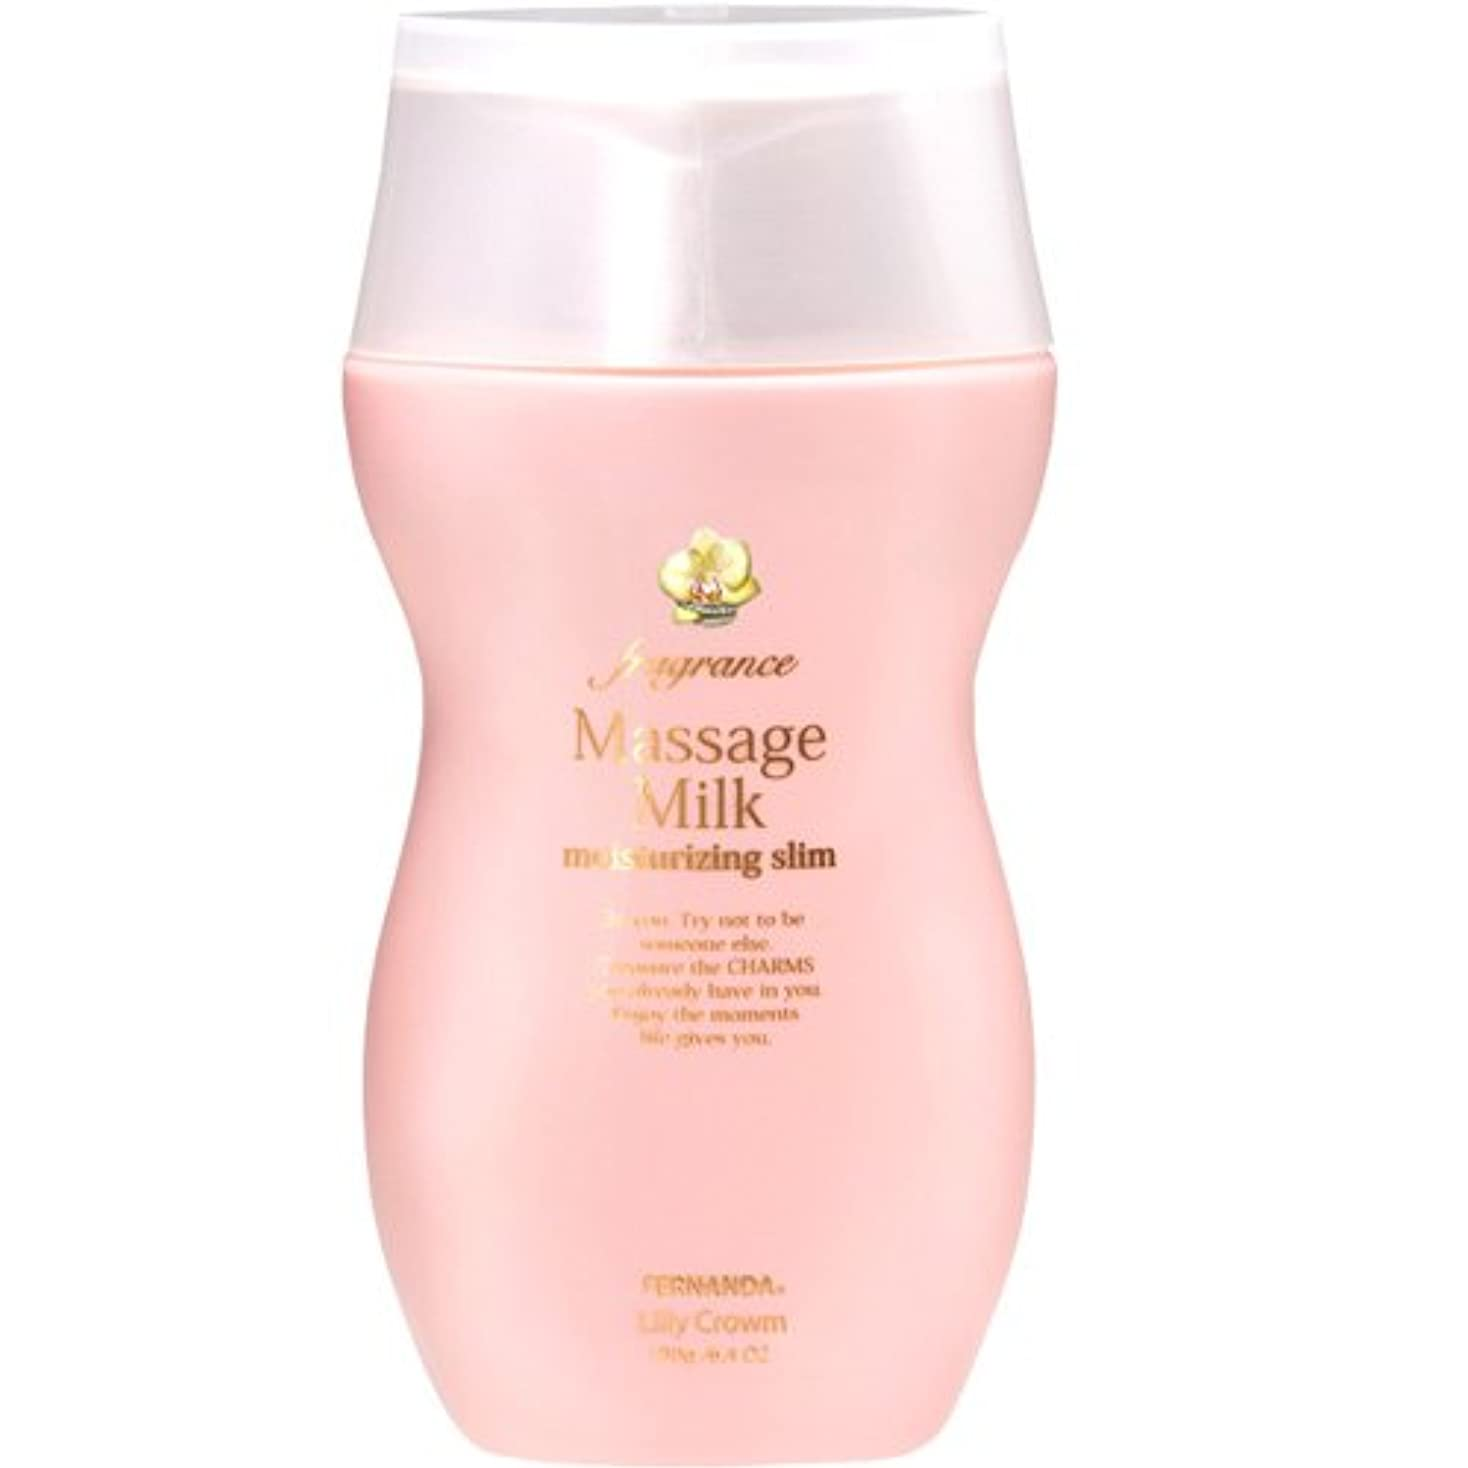 旅行代理店軸膨張するFERNANDA(フェルナンダ) Massage Milk Lilly Crown (マッサージミルク リリークラウン)